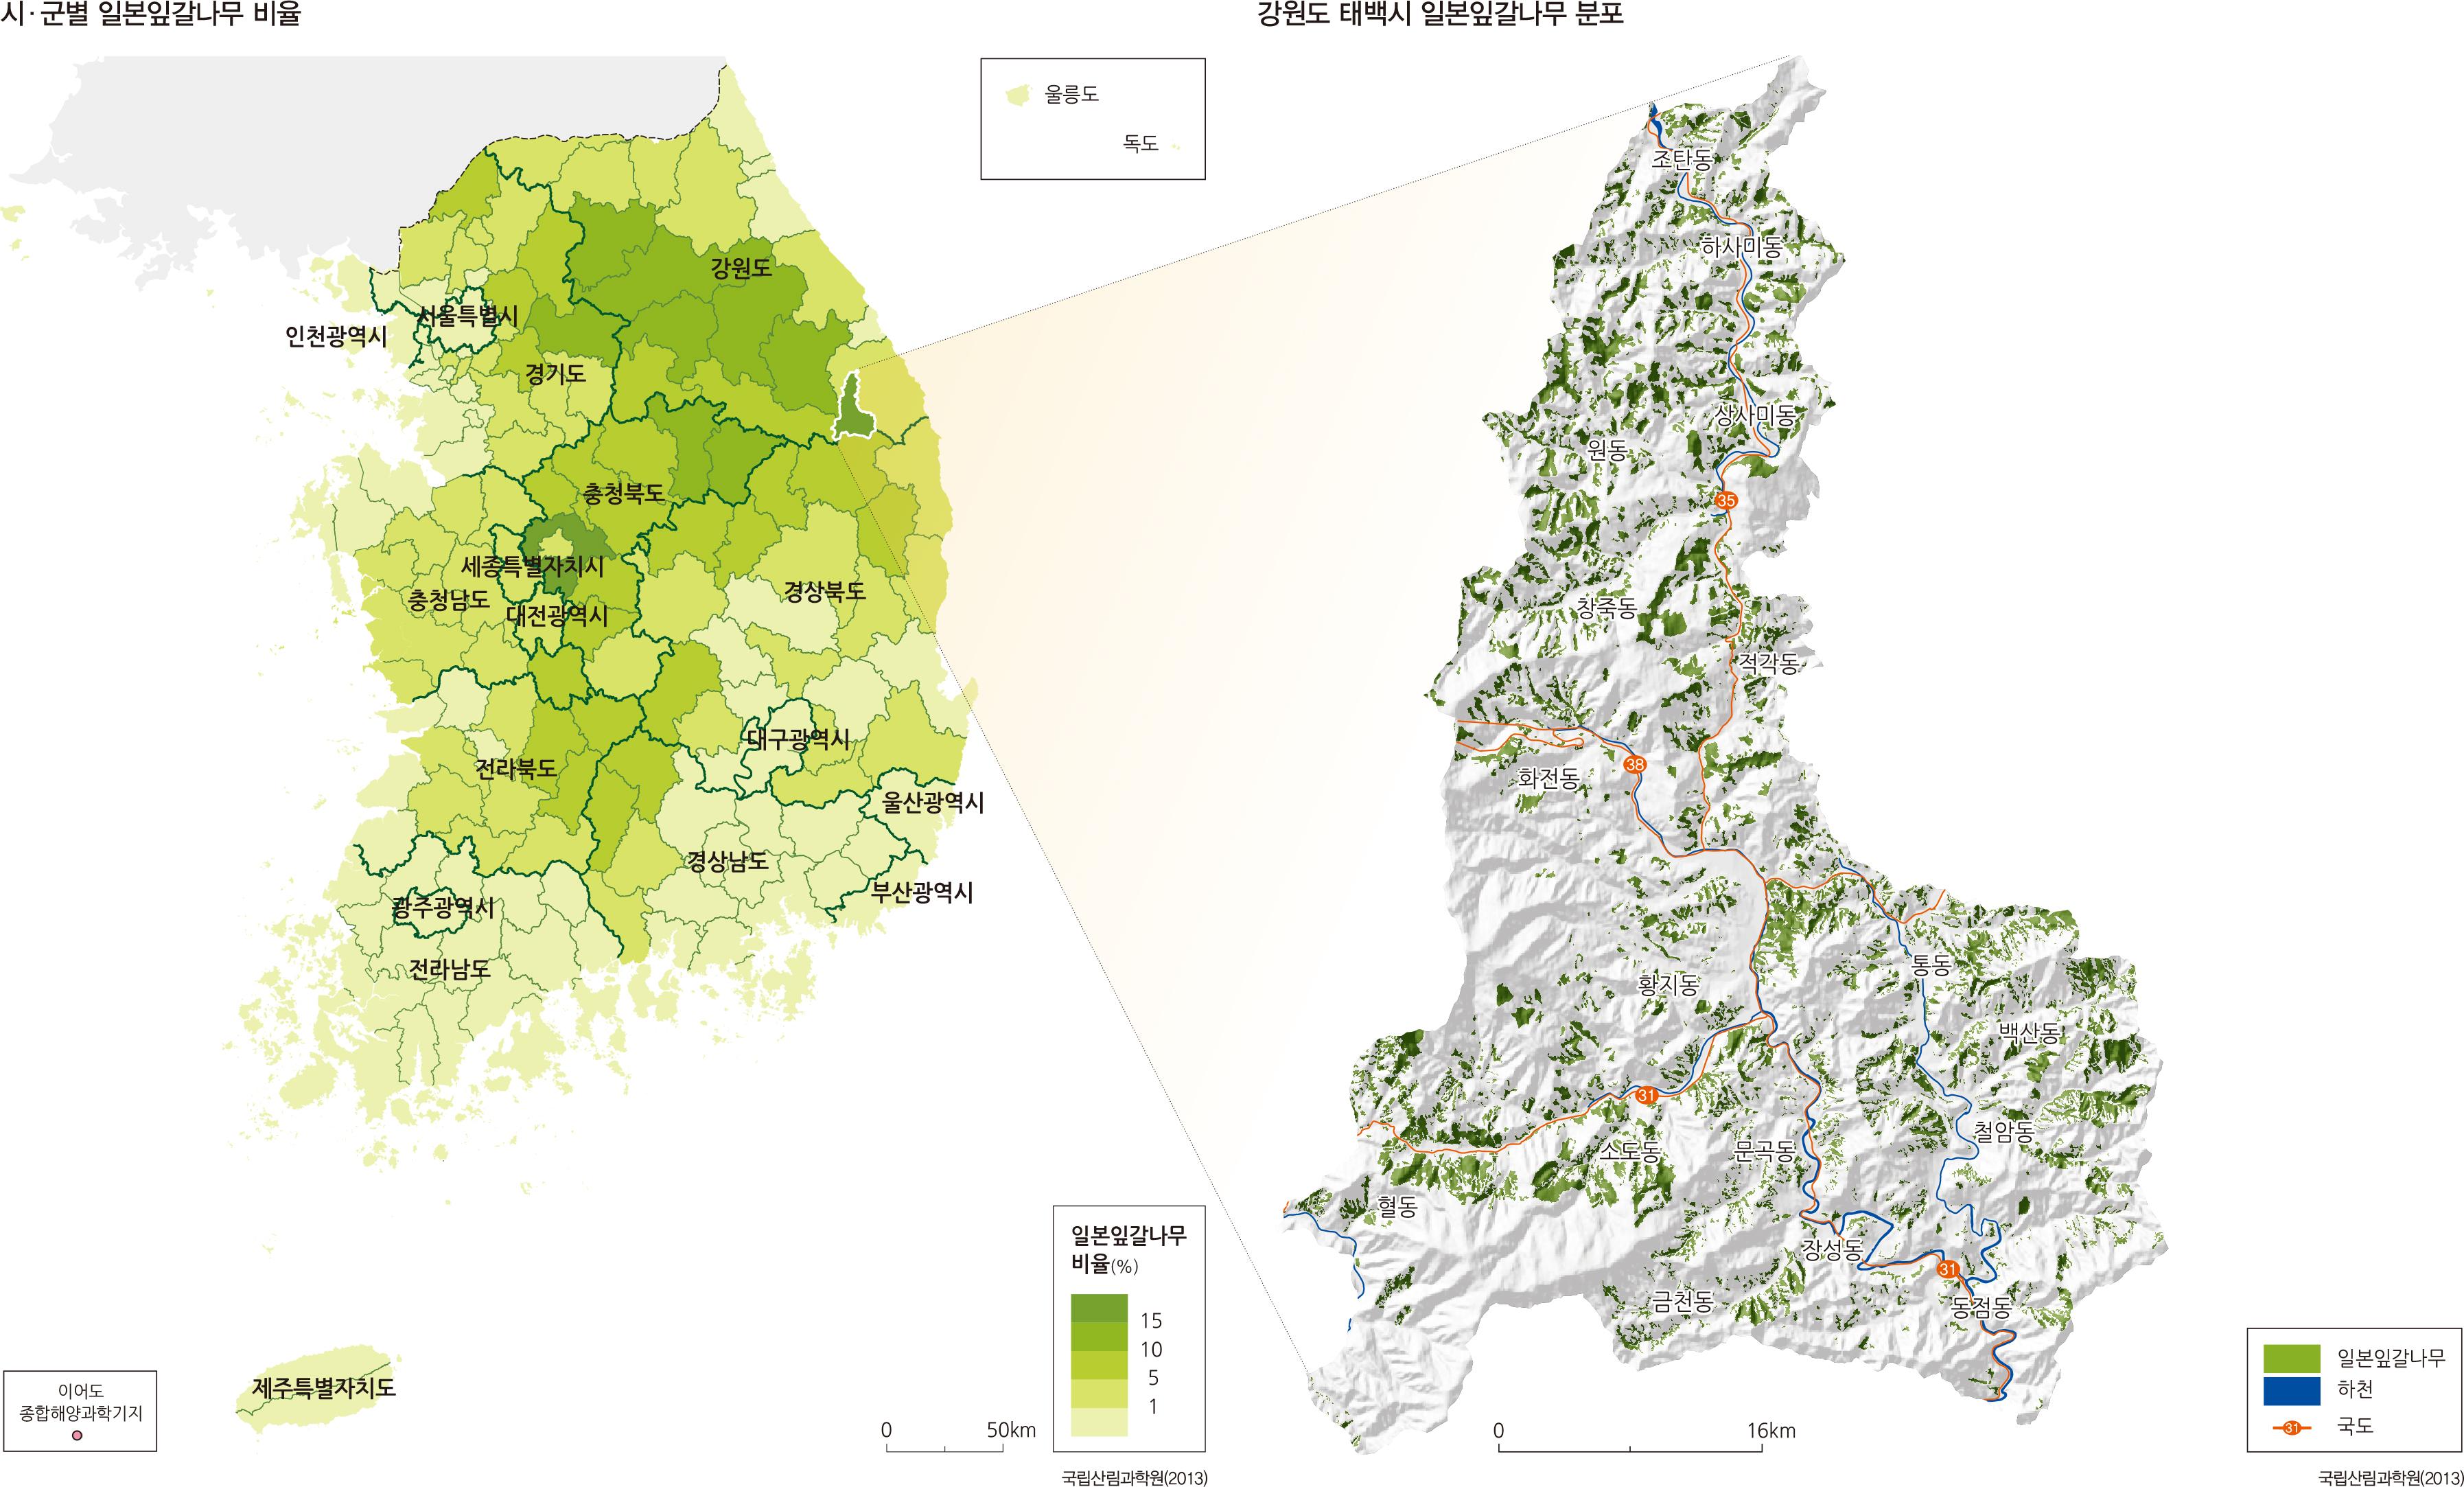 시 · 군별 일본잎갈나무 비율 / 강원도 태백시 일본잎갈나무 분포